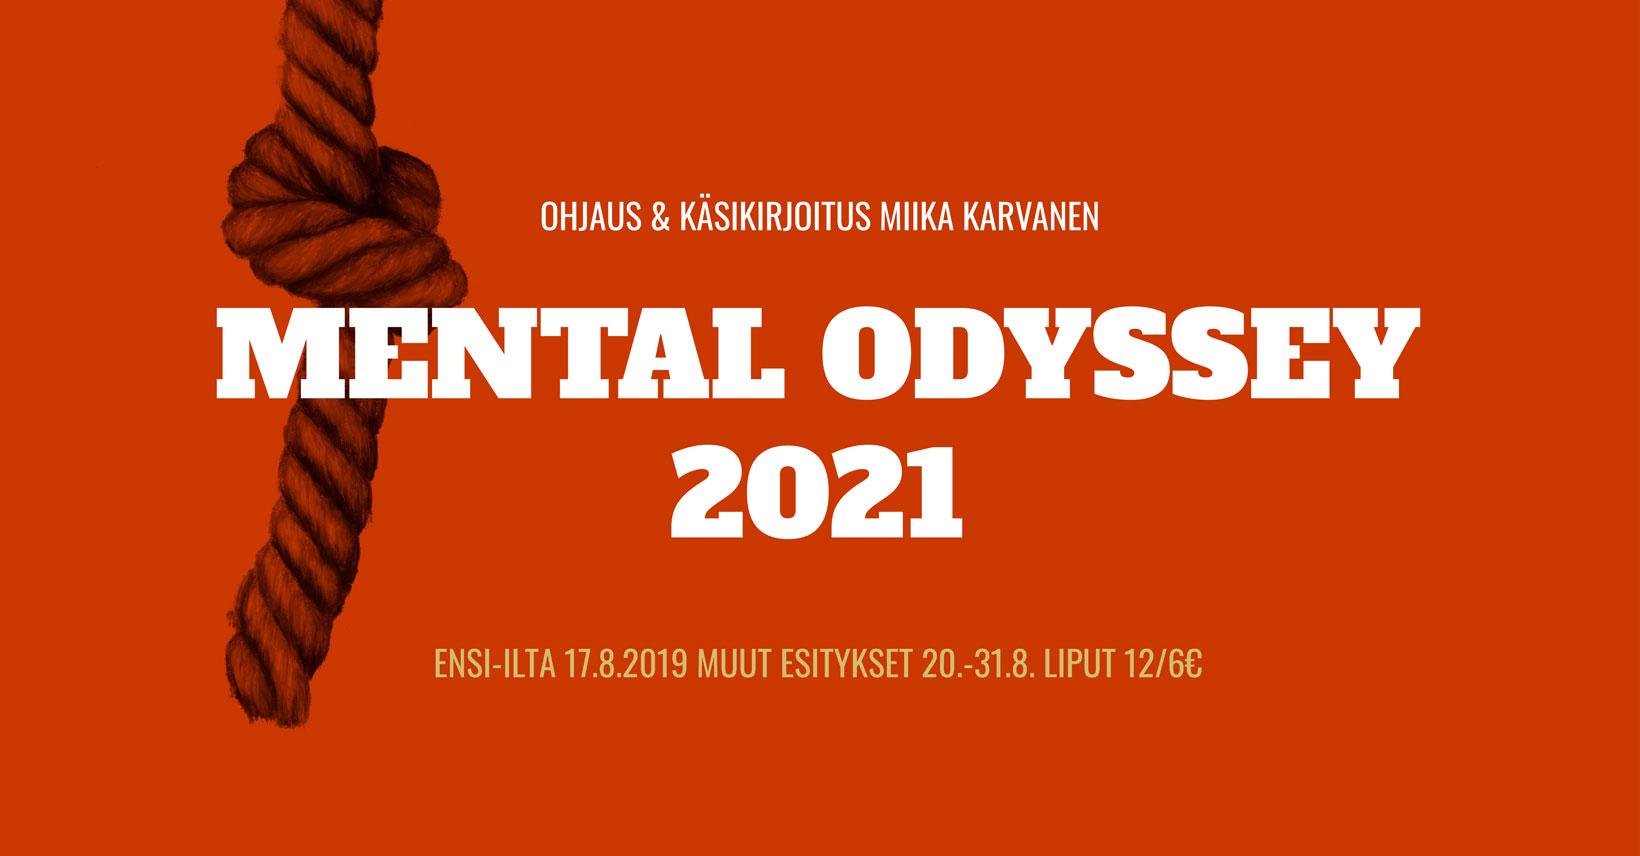 Linkki tapahtumaan Mental Odyssey 2021